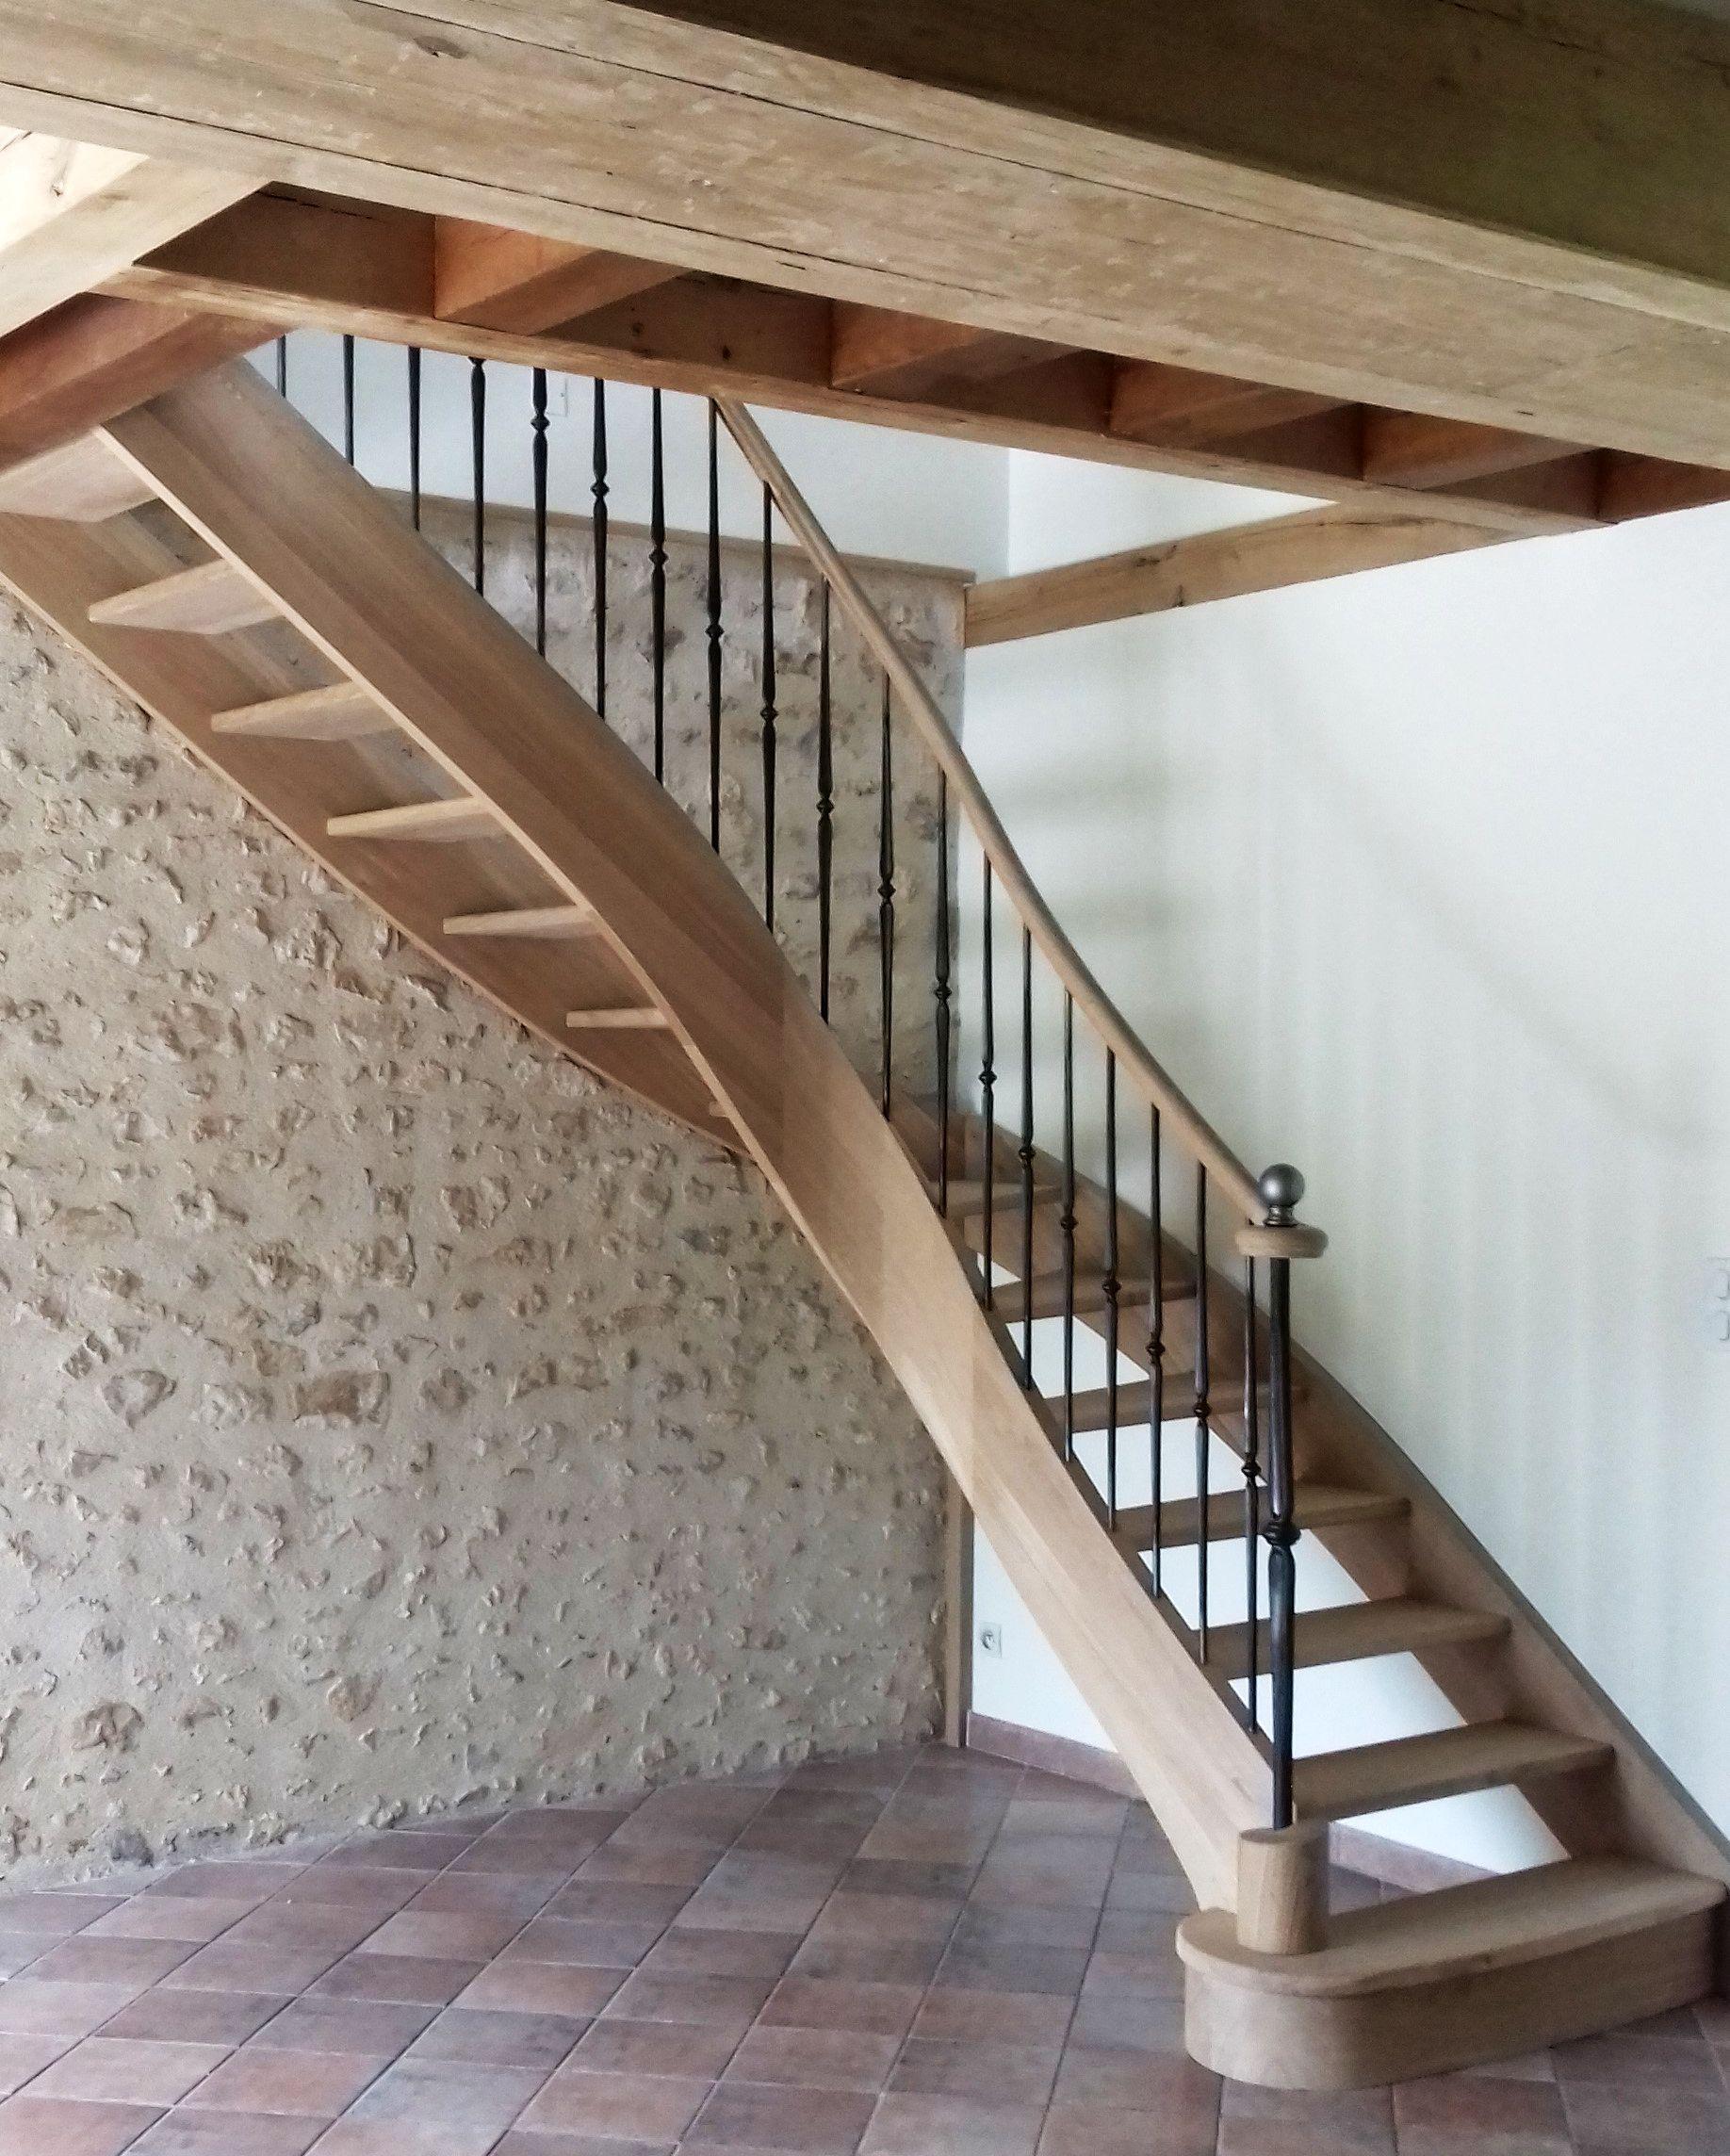 escalier classique en bois et m tal escalier quart tournant sans contremarche en ch ne. Black Bedroom Furniture Sets. Home Design Ideas